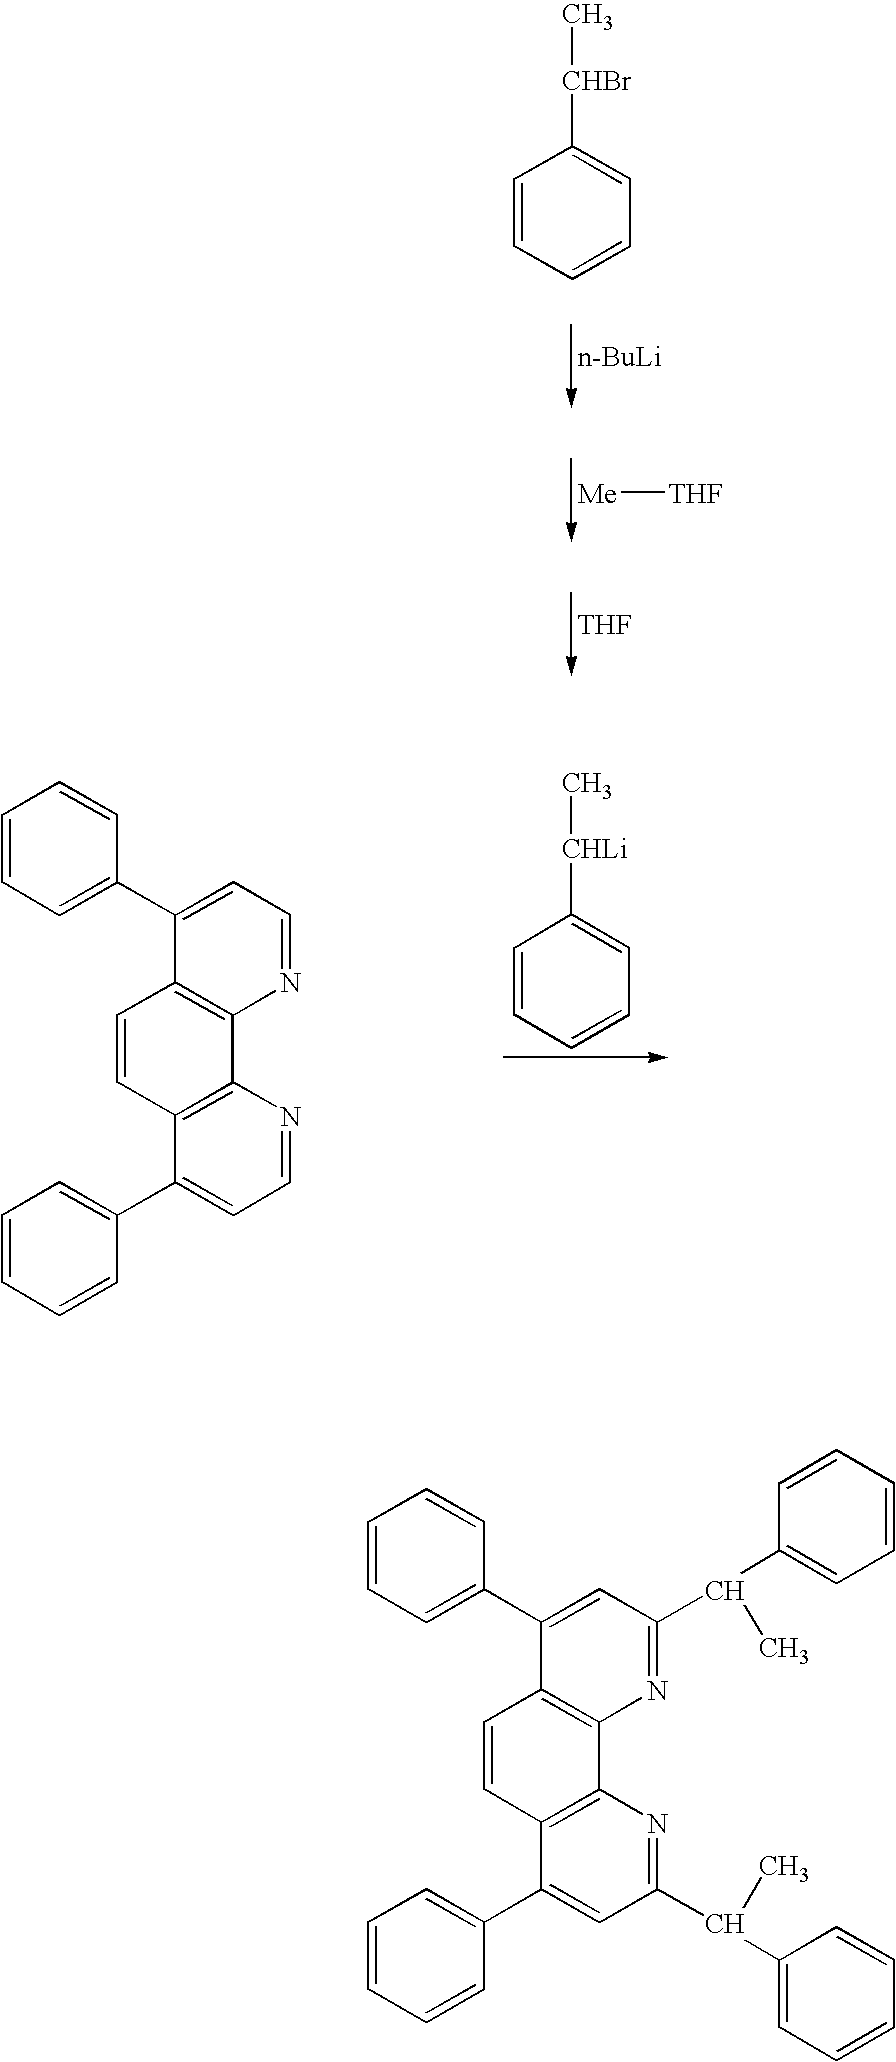 Figure US20050073641A1-20050407-C00069